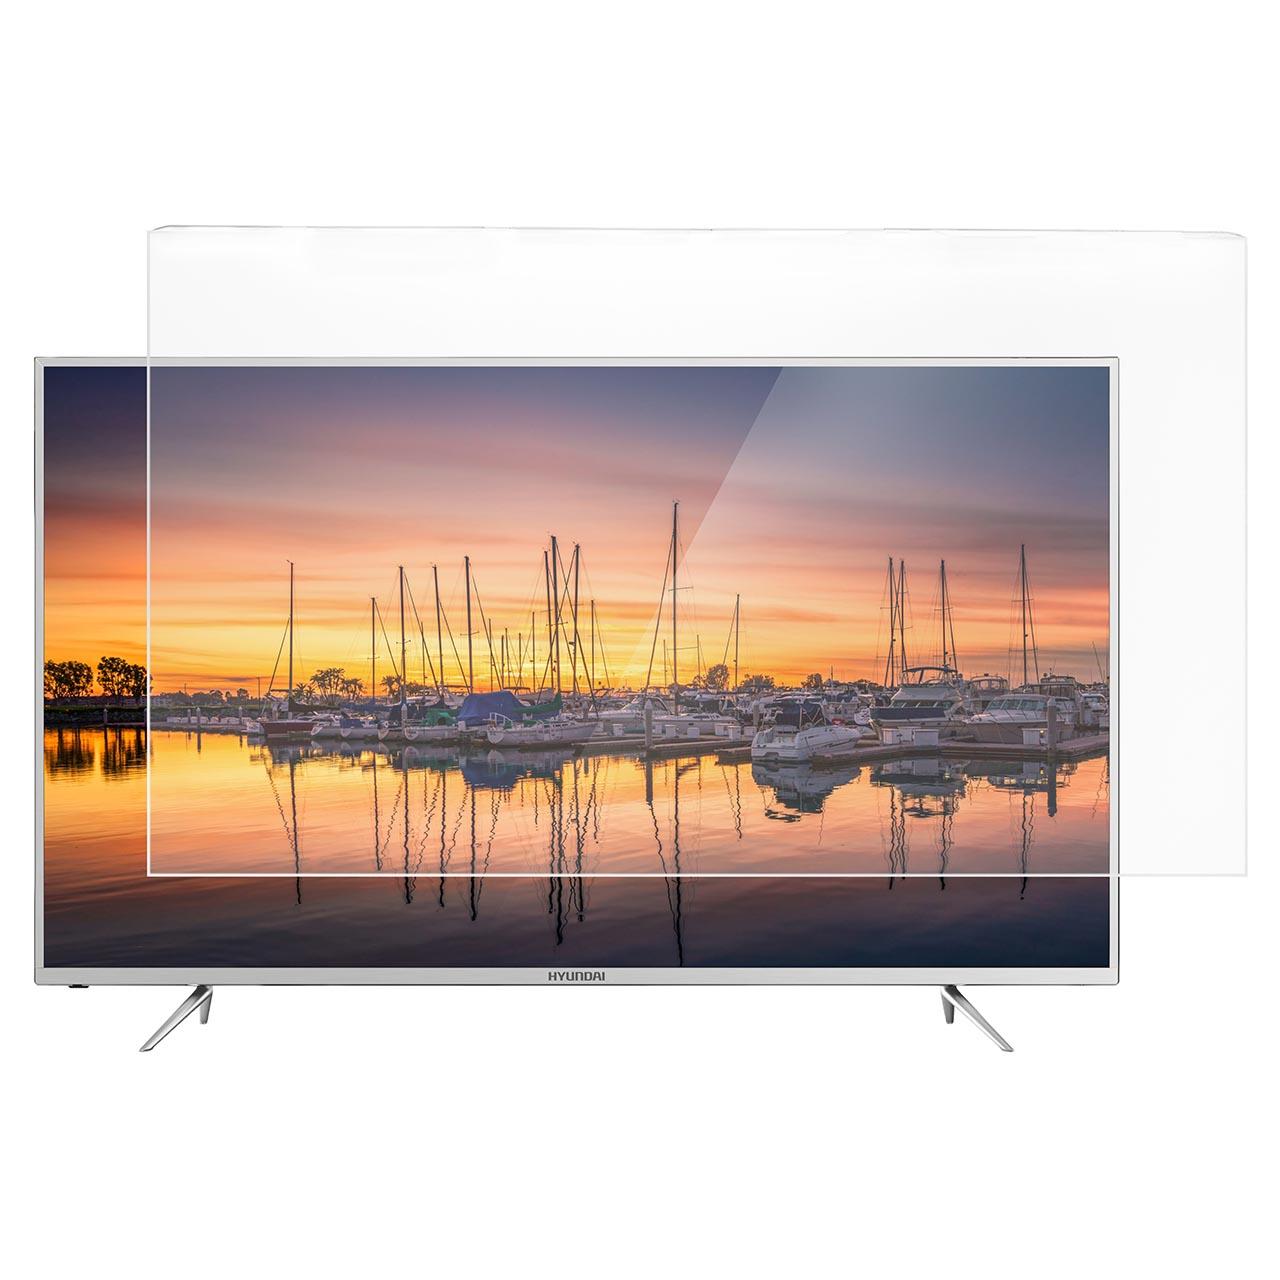 خرید اینترنتی محافظ صفحه تلویزیون اس اچ مدل S_49-2MM مناسب برای تلویزیون 49 اینچی اورجینال